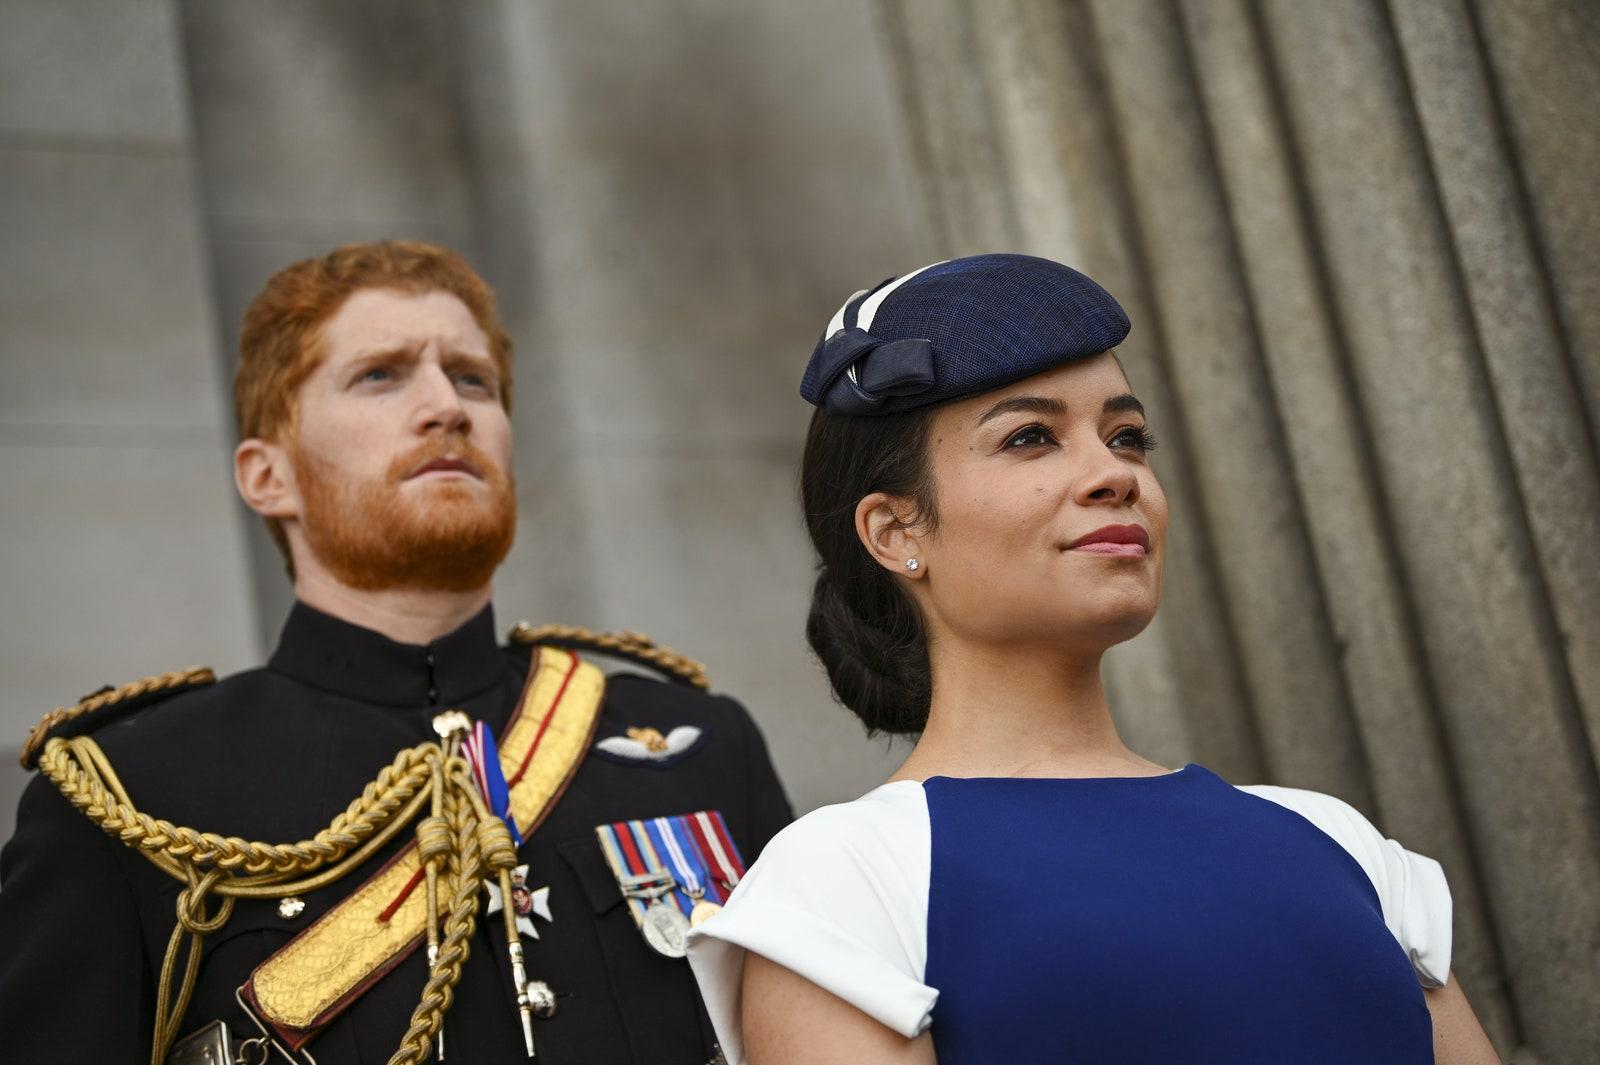 Принц Уильям и Кейт Миддлтон в ярости после выхода нового фильма о принце Гарри и Меган Маркл